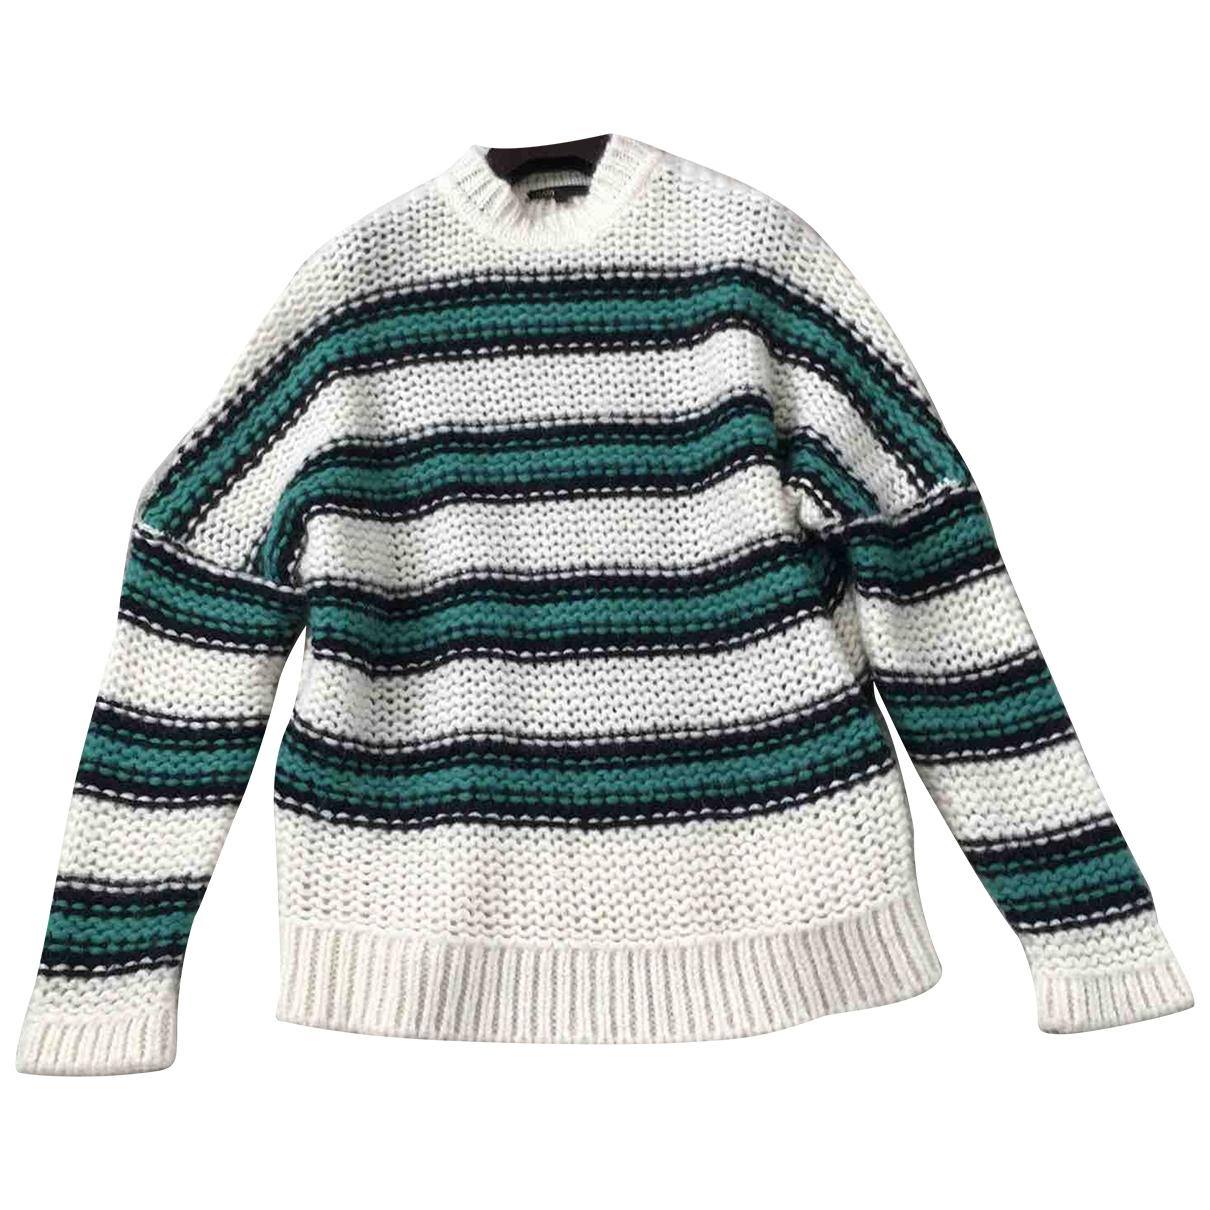 Maje - Pull Fall Winter 2019 pour femme en laine - vert